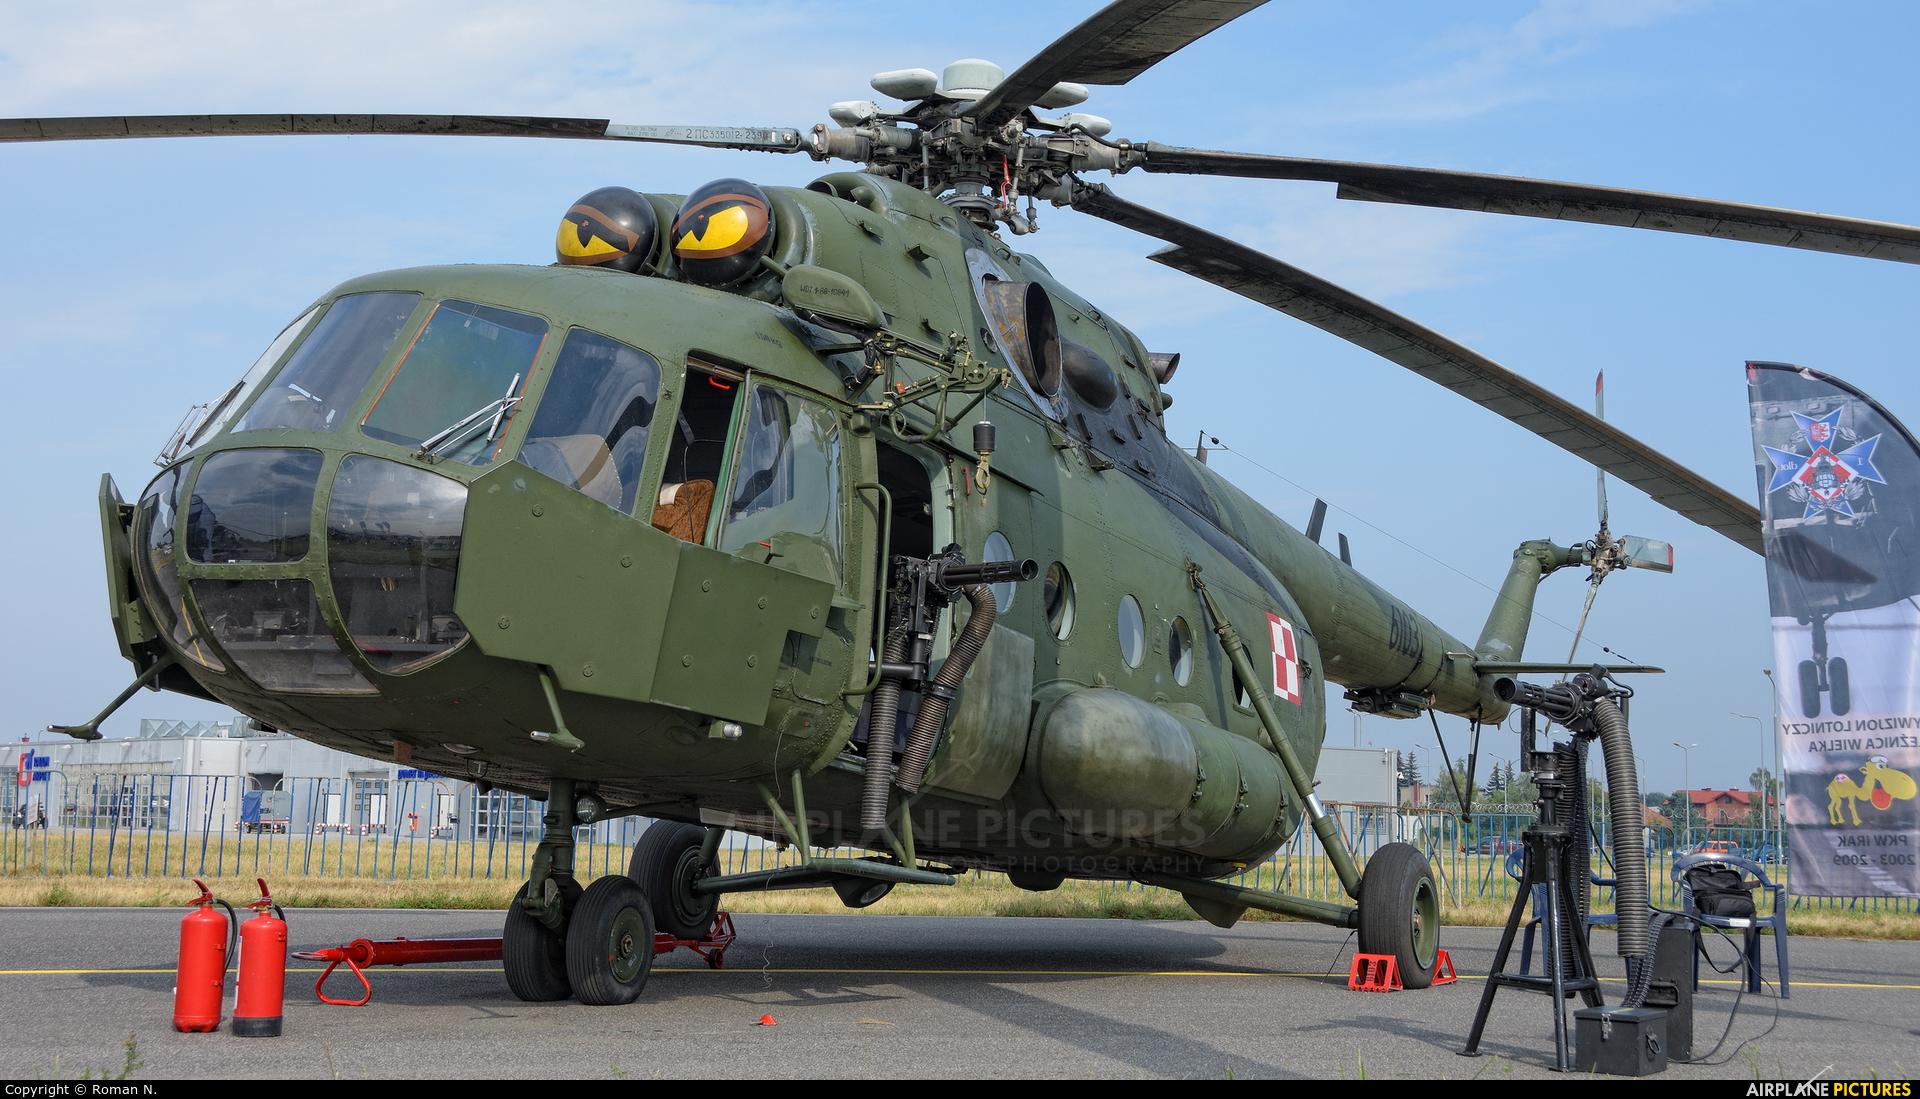 Poland - Army 6103 aircraft at Radom - Sadków